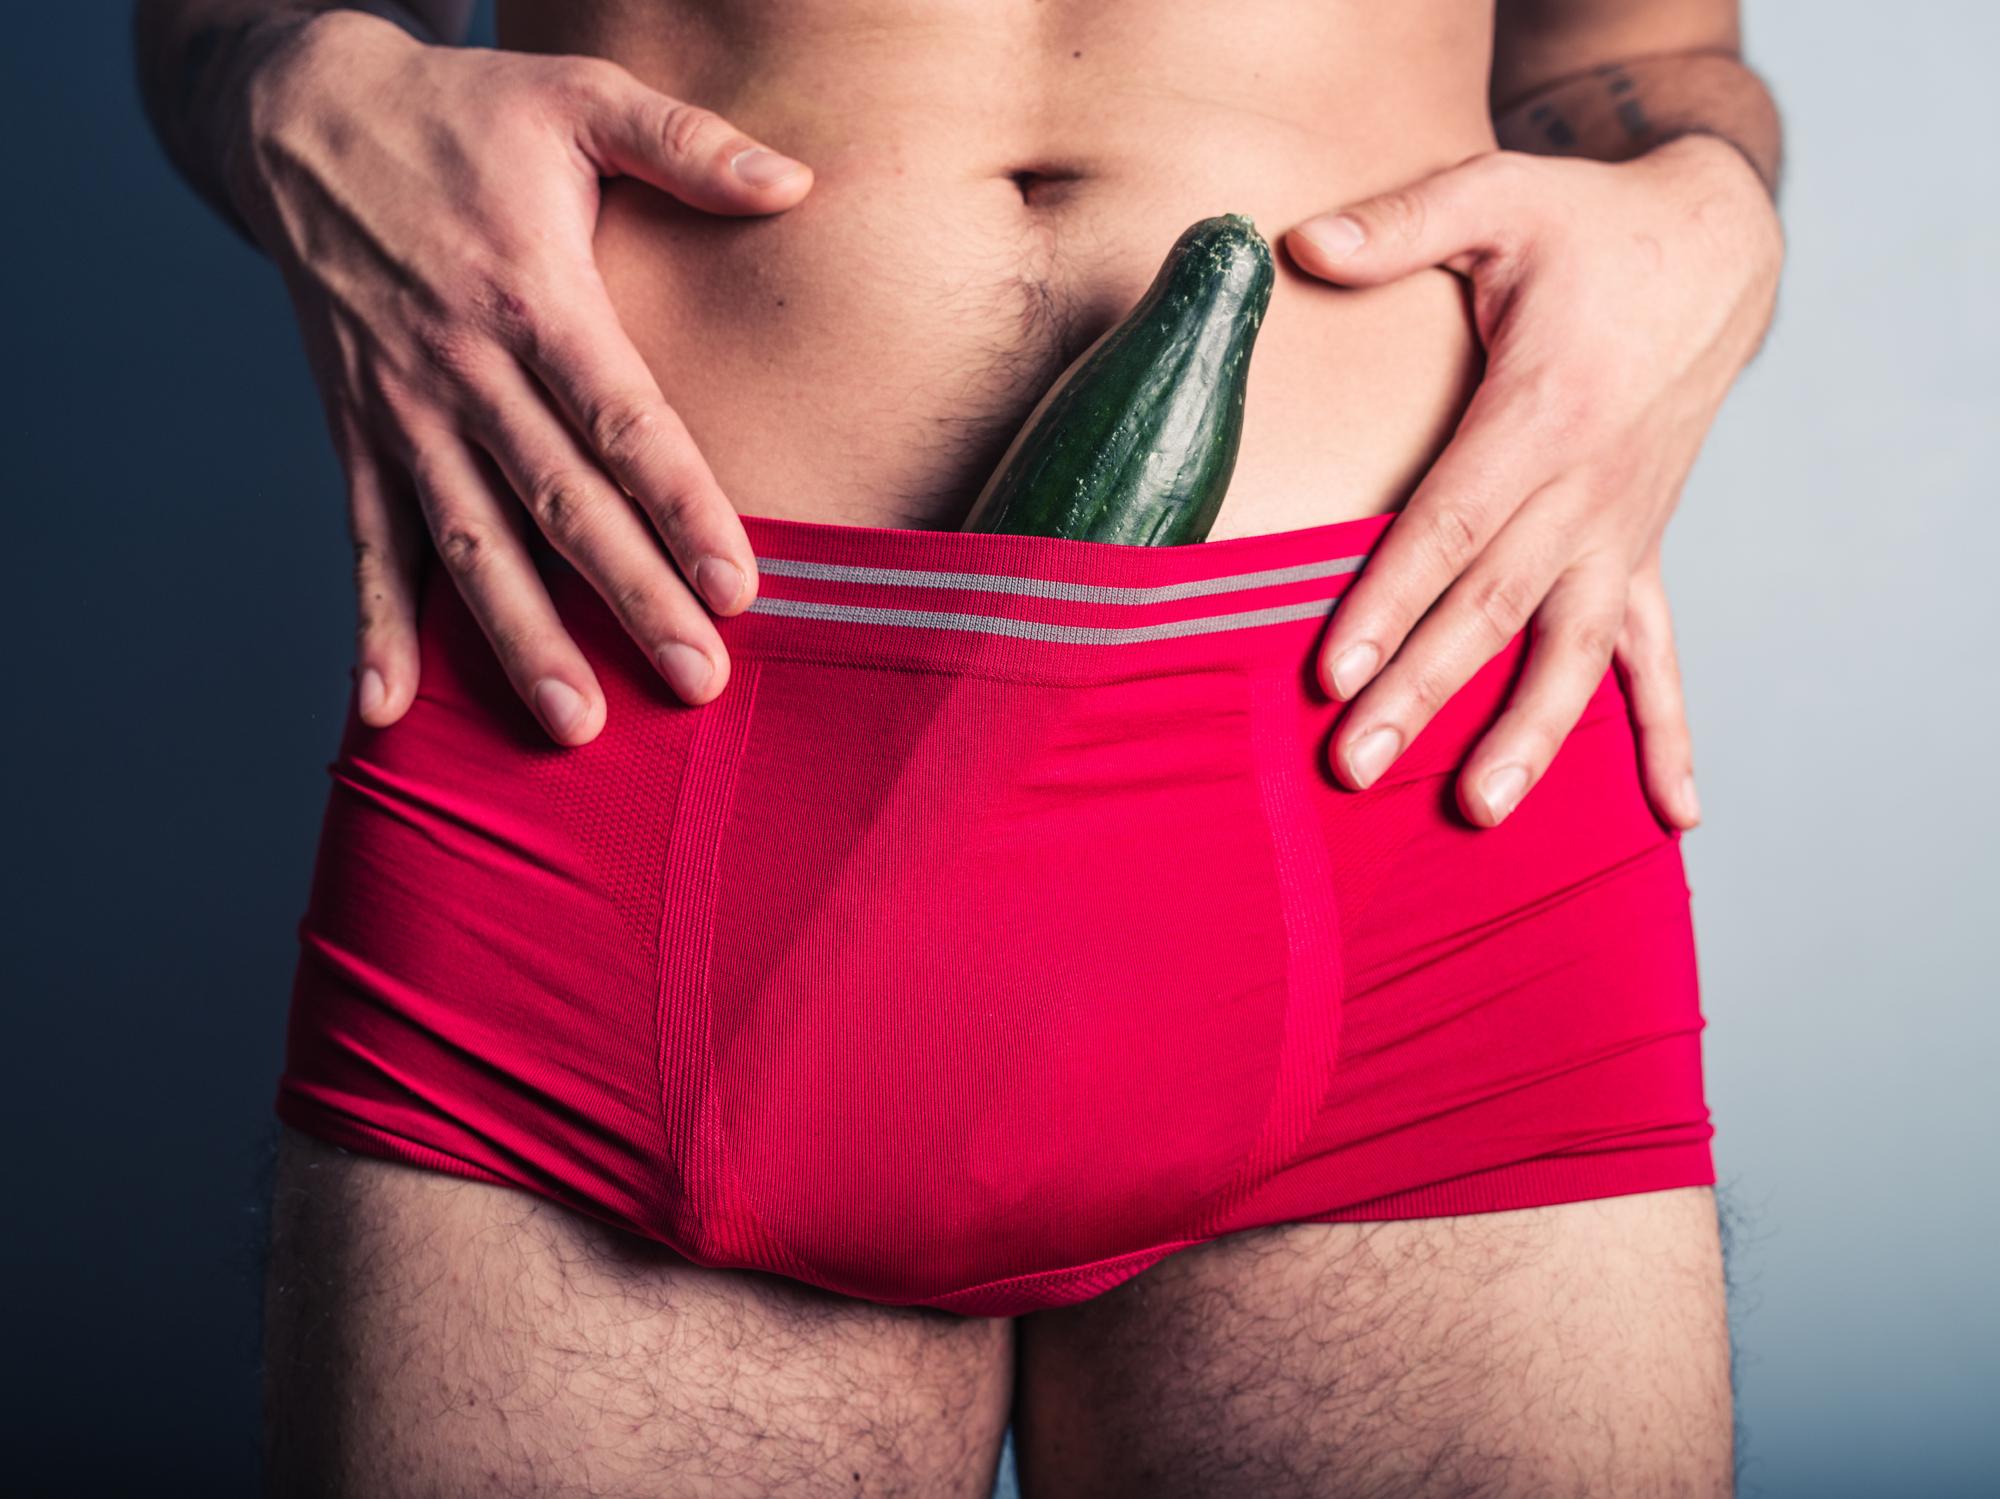 népesség, amelyben a pénisz gyakorlatok a nagy péniszhez